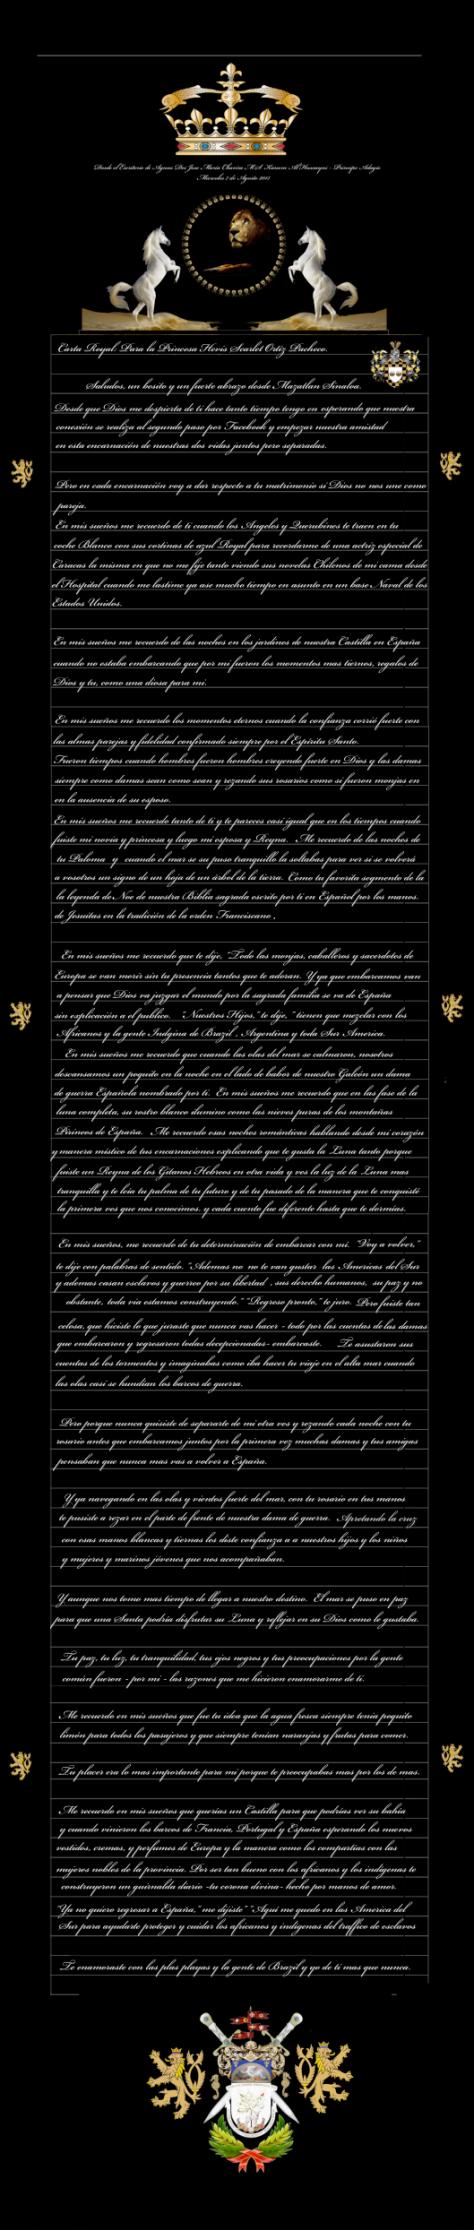 Todas las Instituciones de Dios so importantes Hevis debes tratar de leer todas que puedes poco poquito y mantenerte feliz siempre renovando tu Matrimonio - Príncipe Adagio